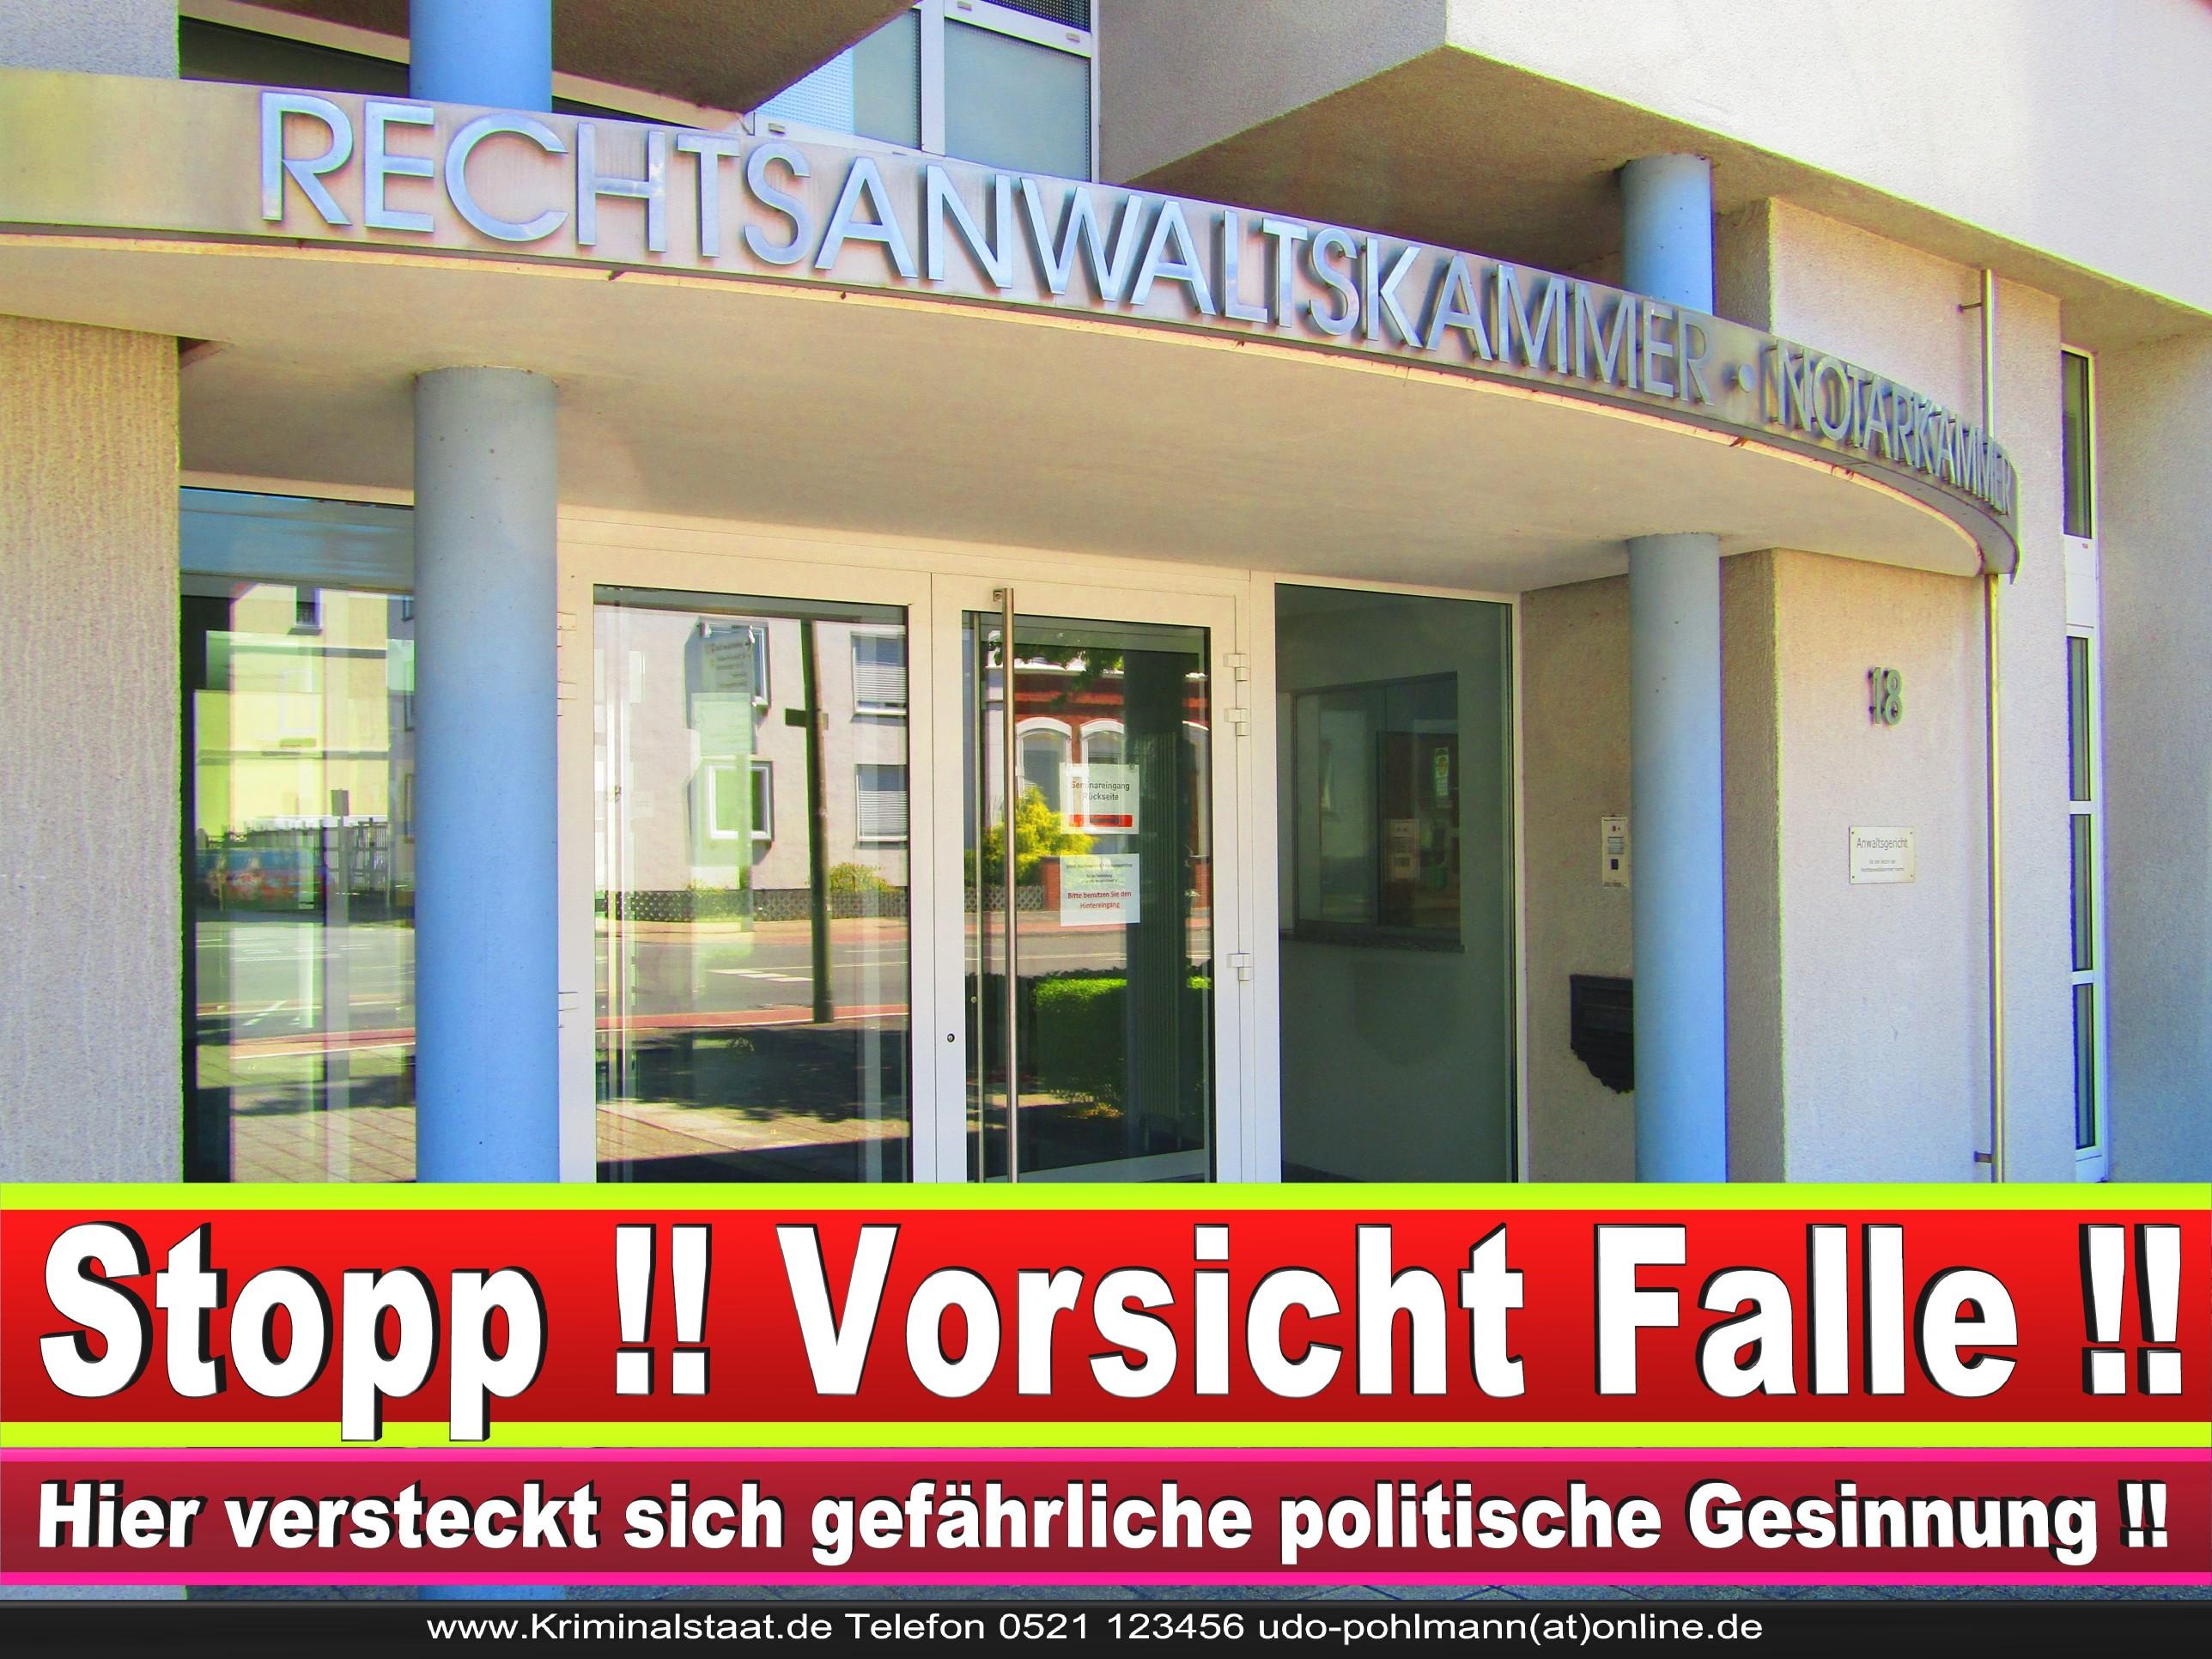 Rechtsanwaltskammer Hamm NRW Justizminister Rechtsanwalt Notar Vermögensverfall Urteil Rechtsprechung CDU SPD FDP Berufsordnung Rechtsanwälte Rechtsprechung (6) 1